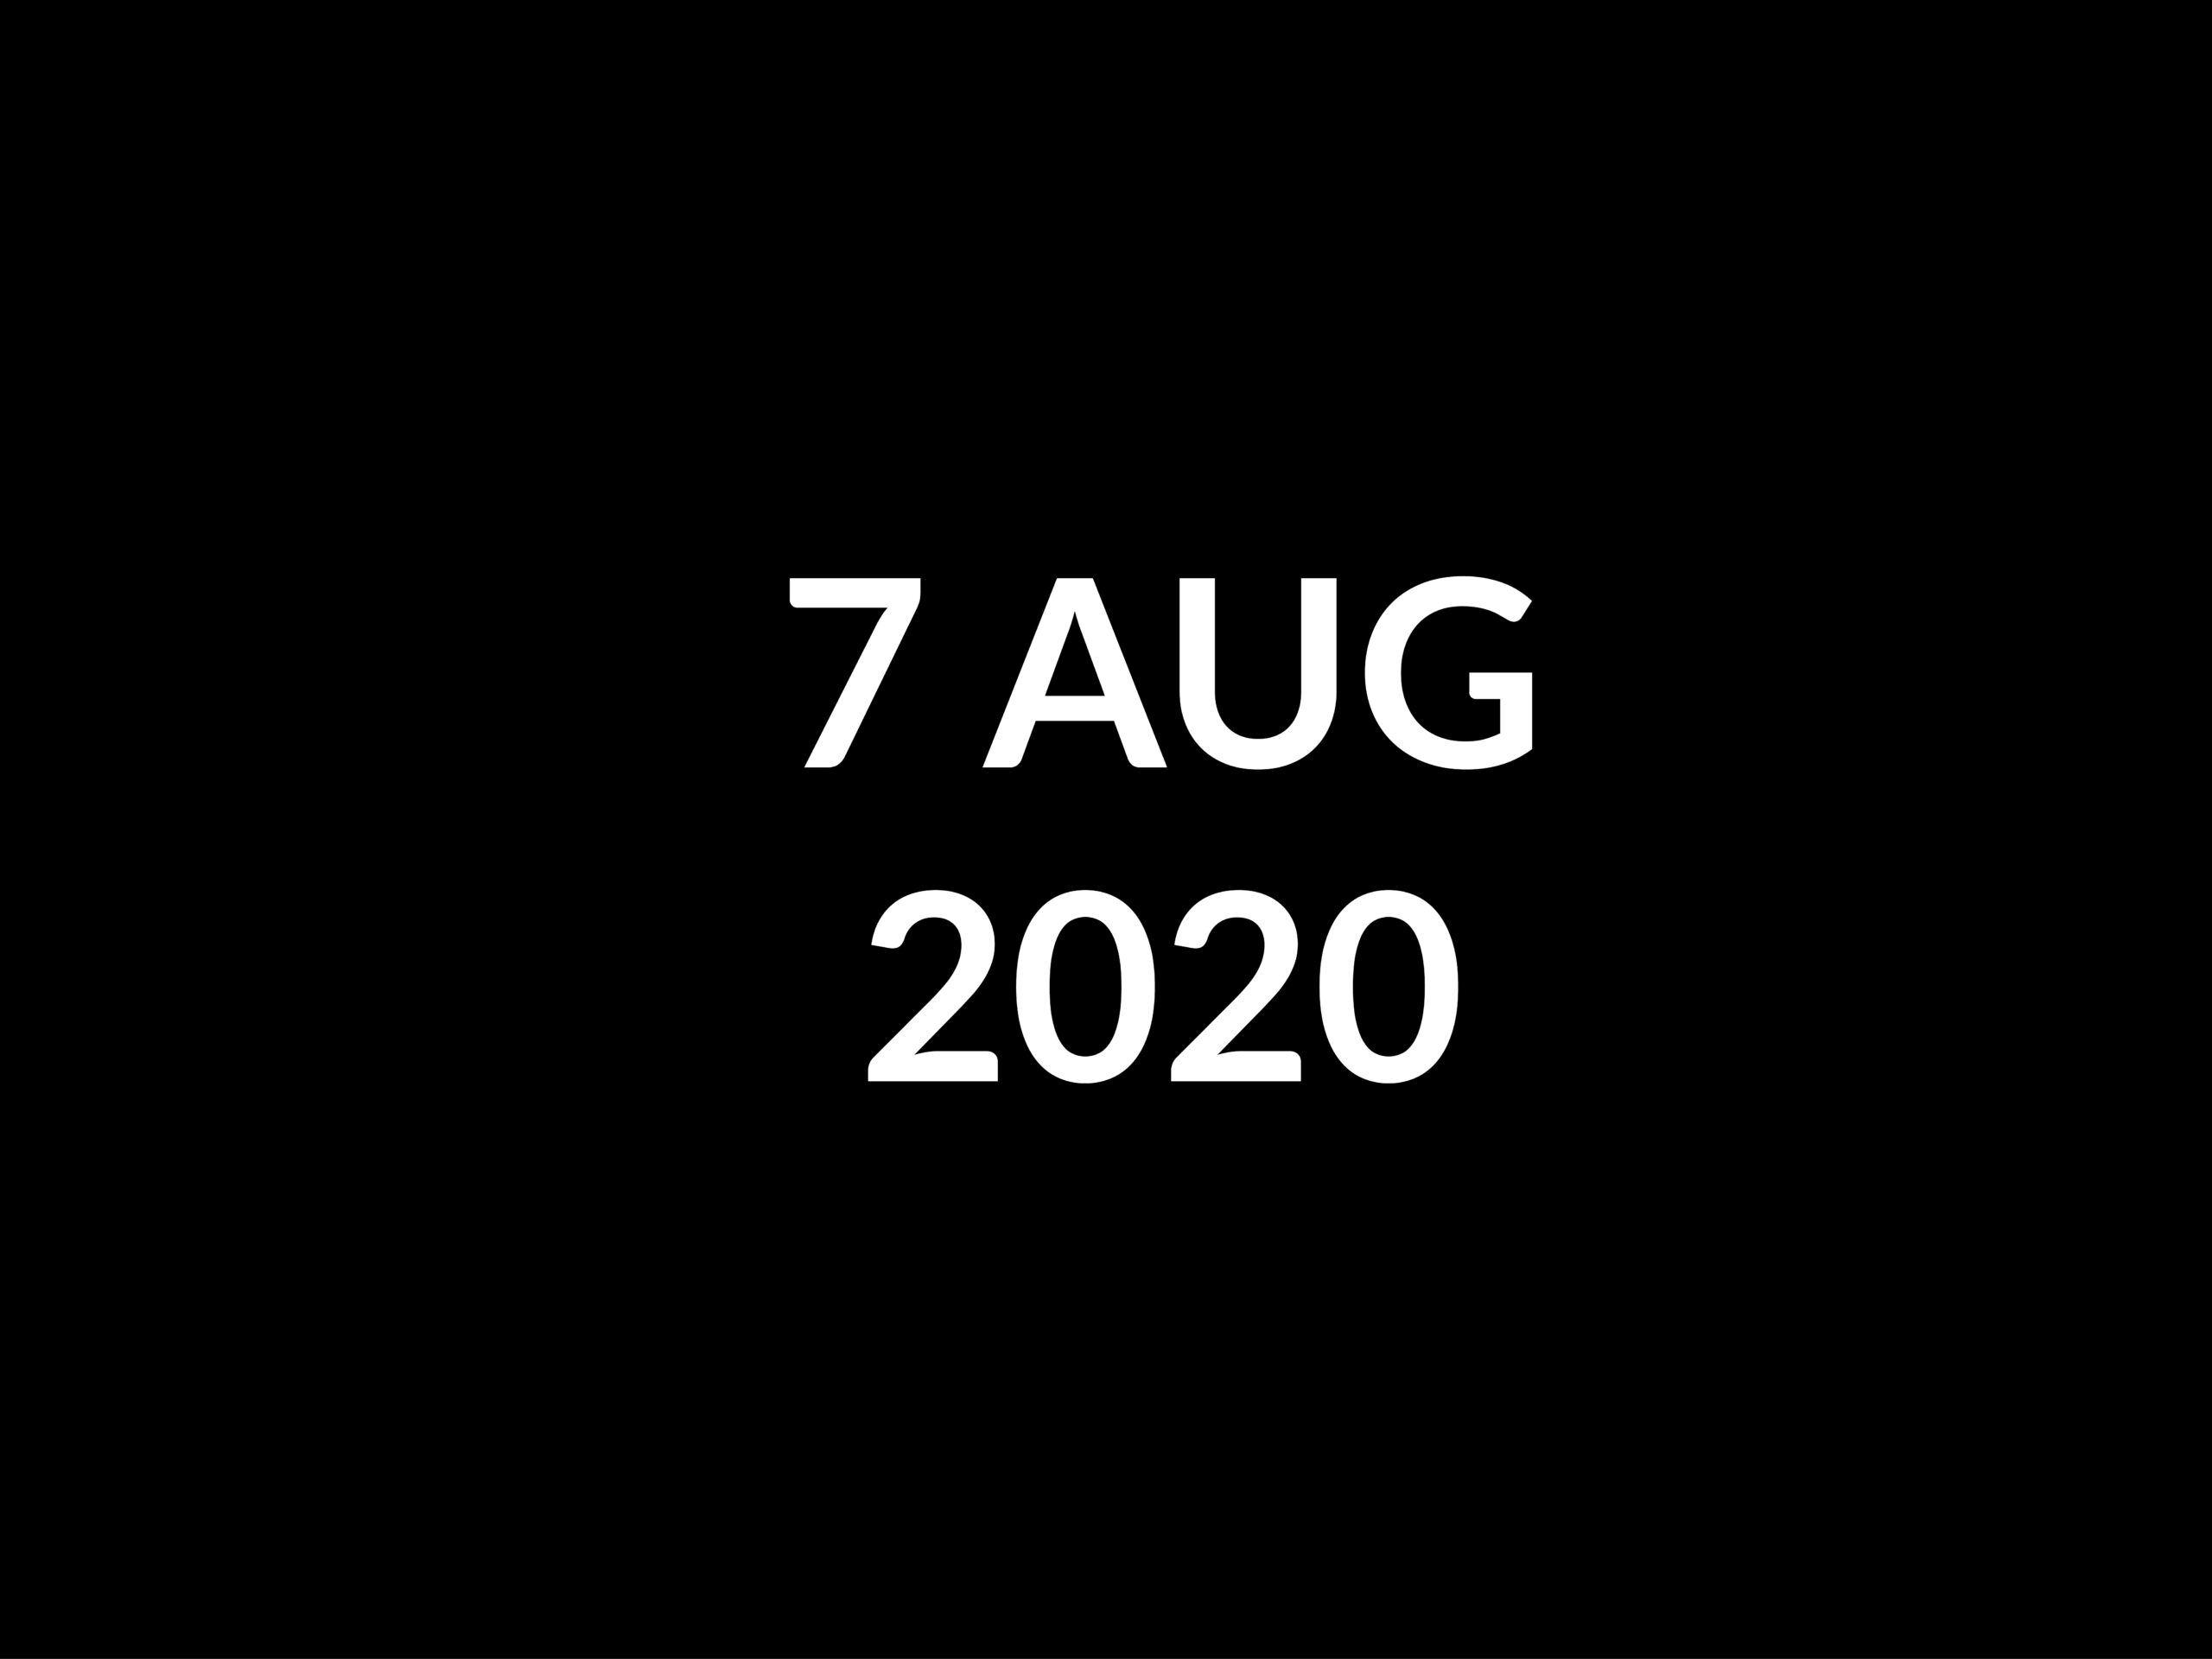 TICKET Poseren kun je leren -7 AUG 2020